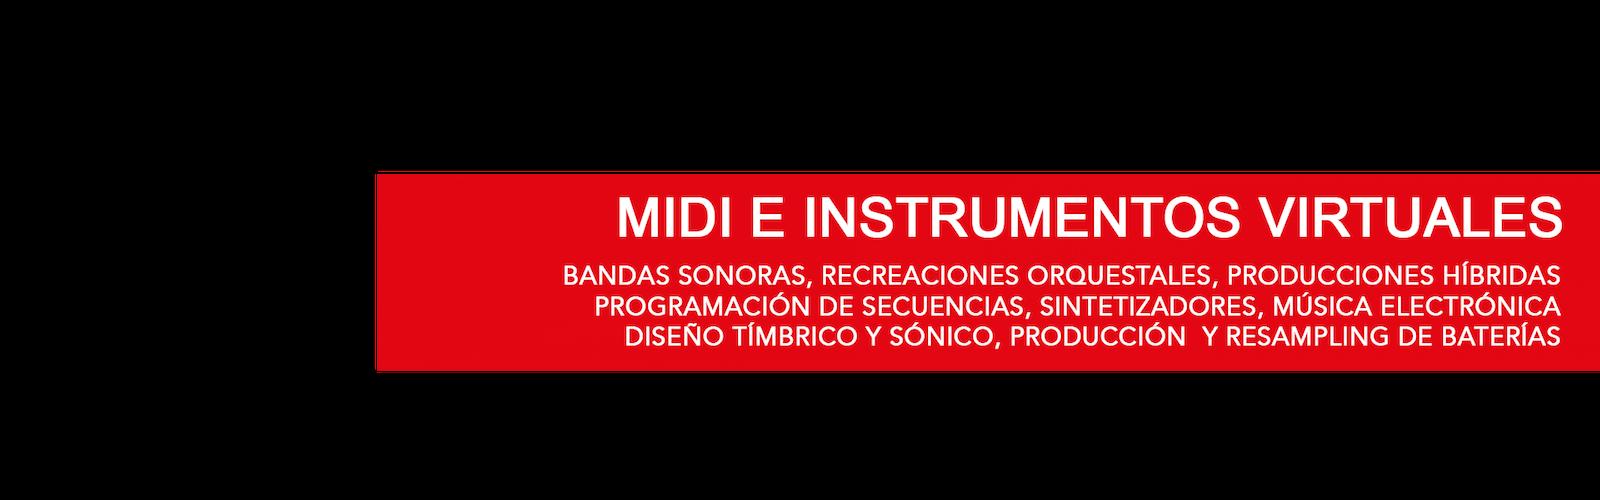 MIDI E INSTRUMENTOS VIRTUALES